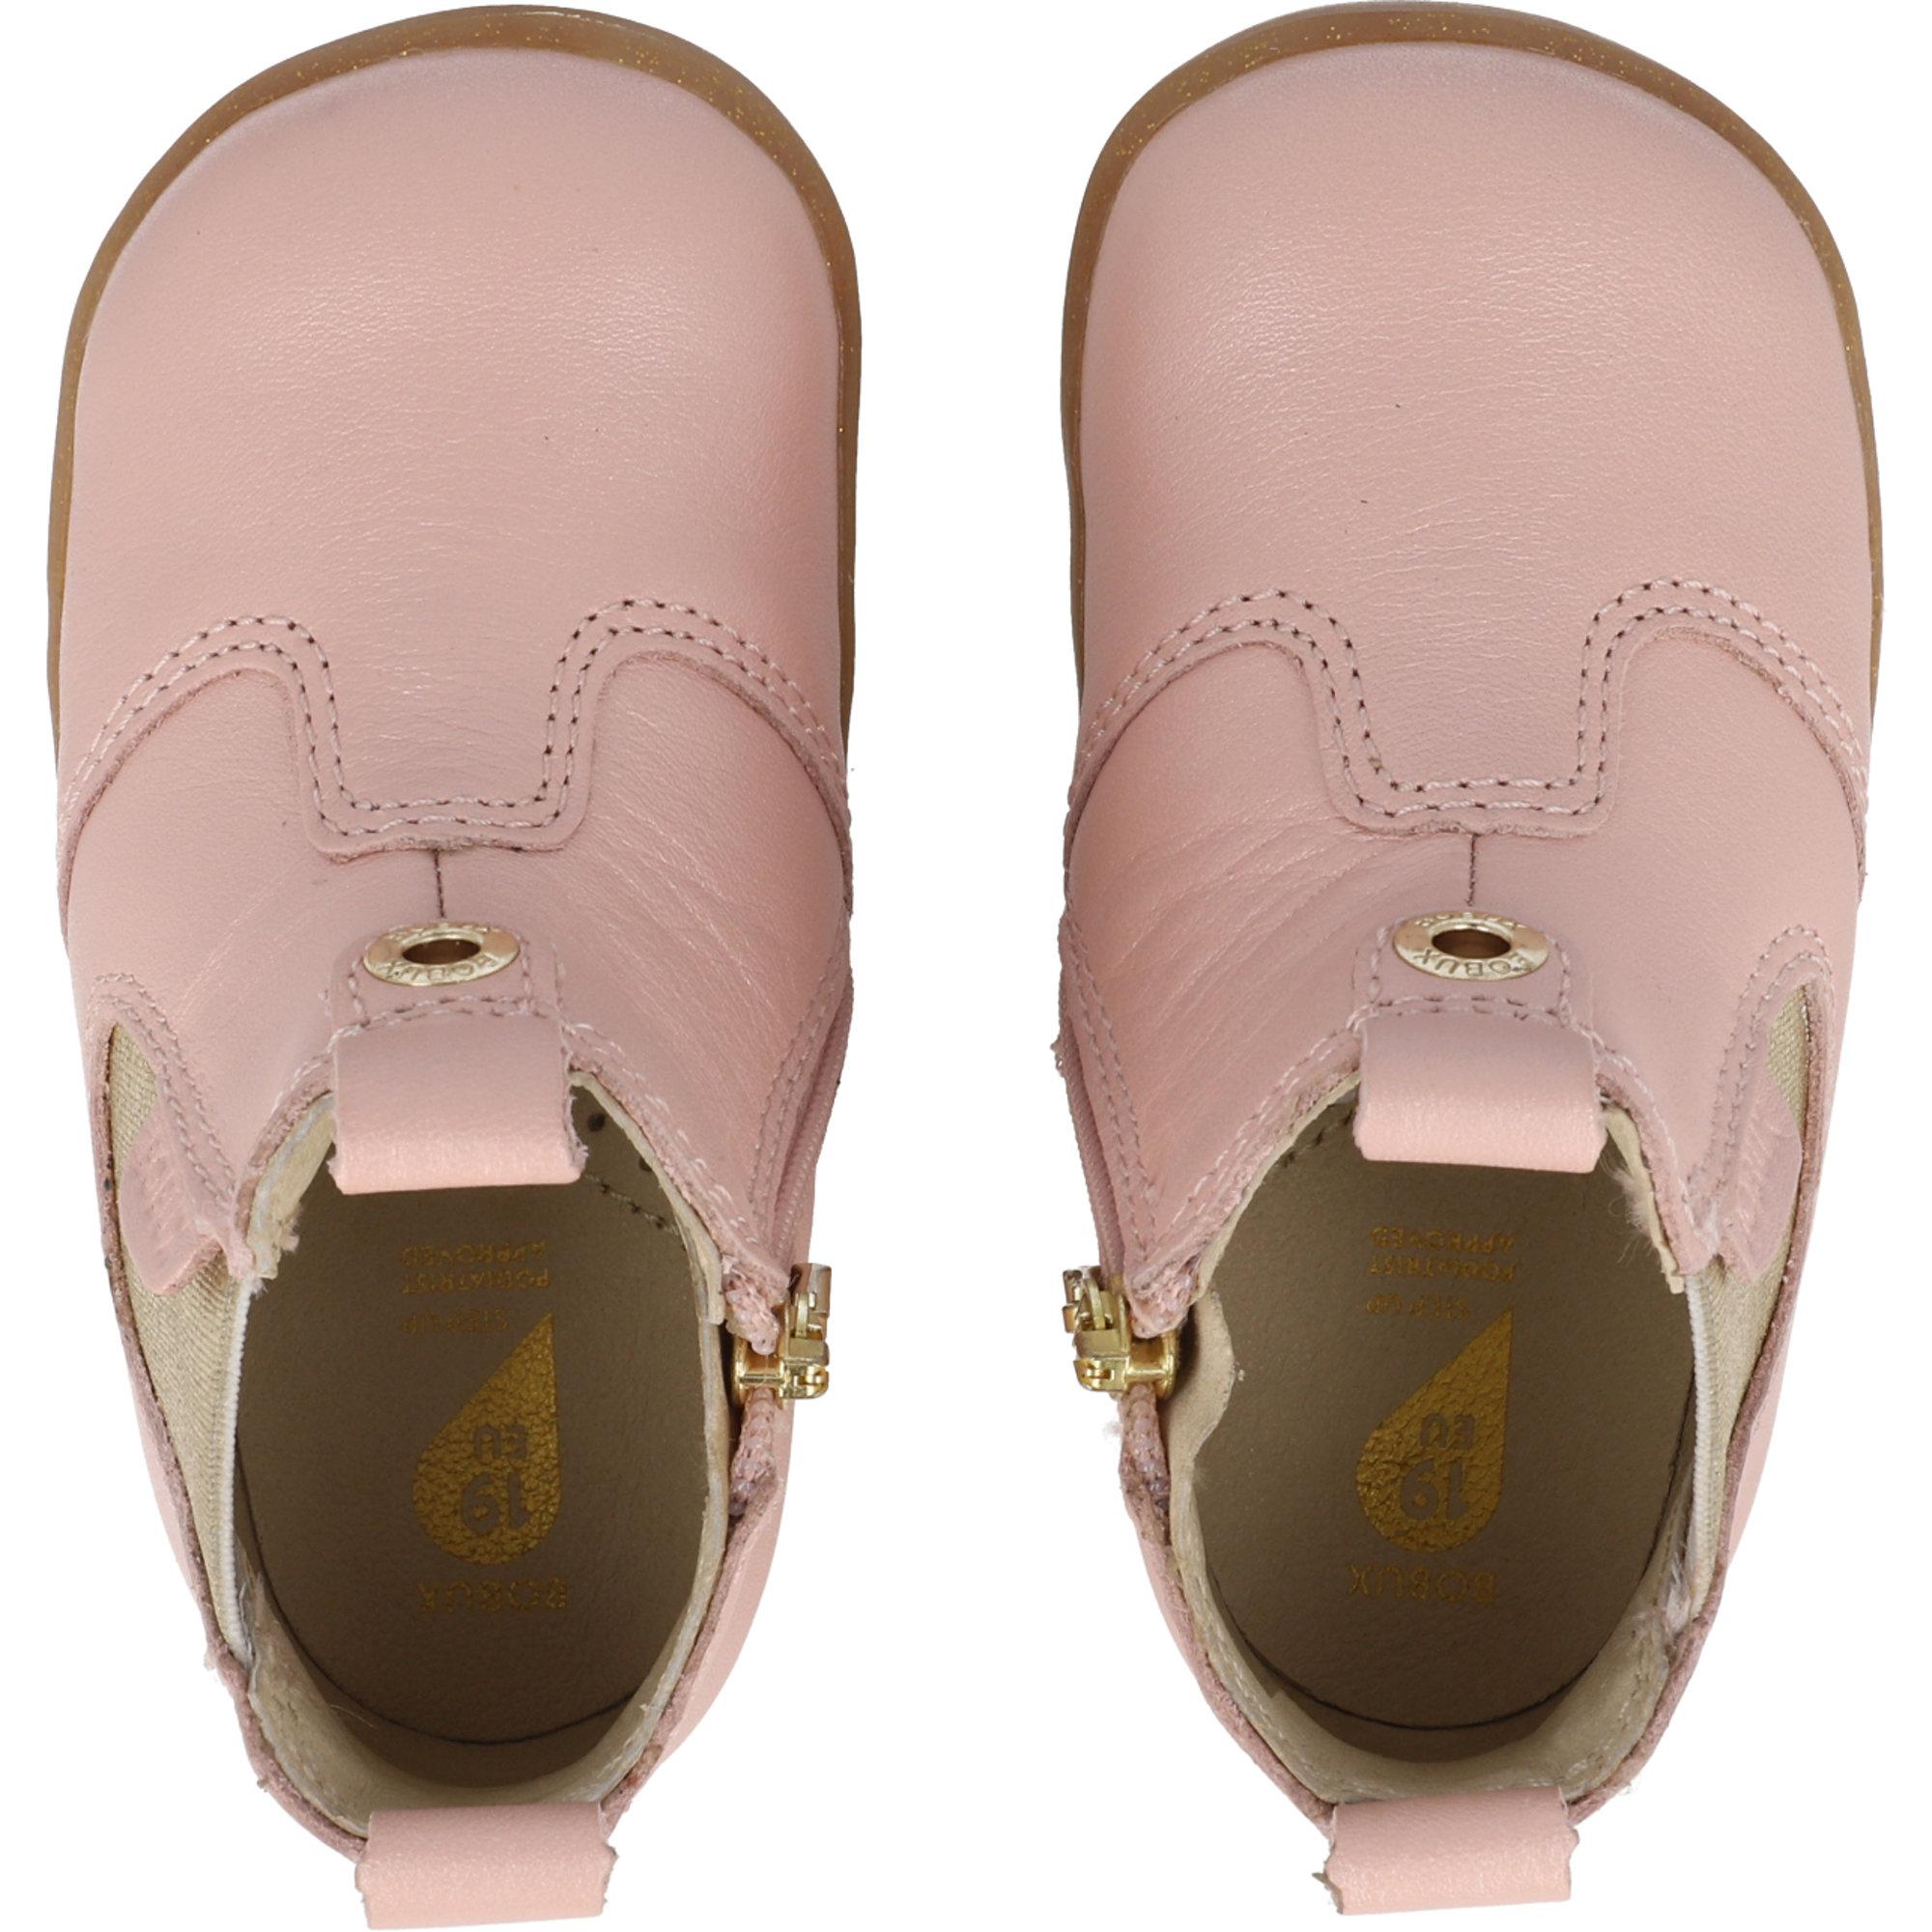 Bobux Step Up Jodhpur Seashell Shimmer Quickdry Leather